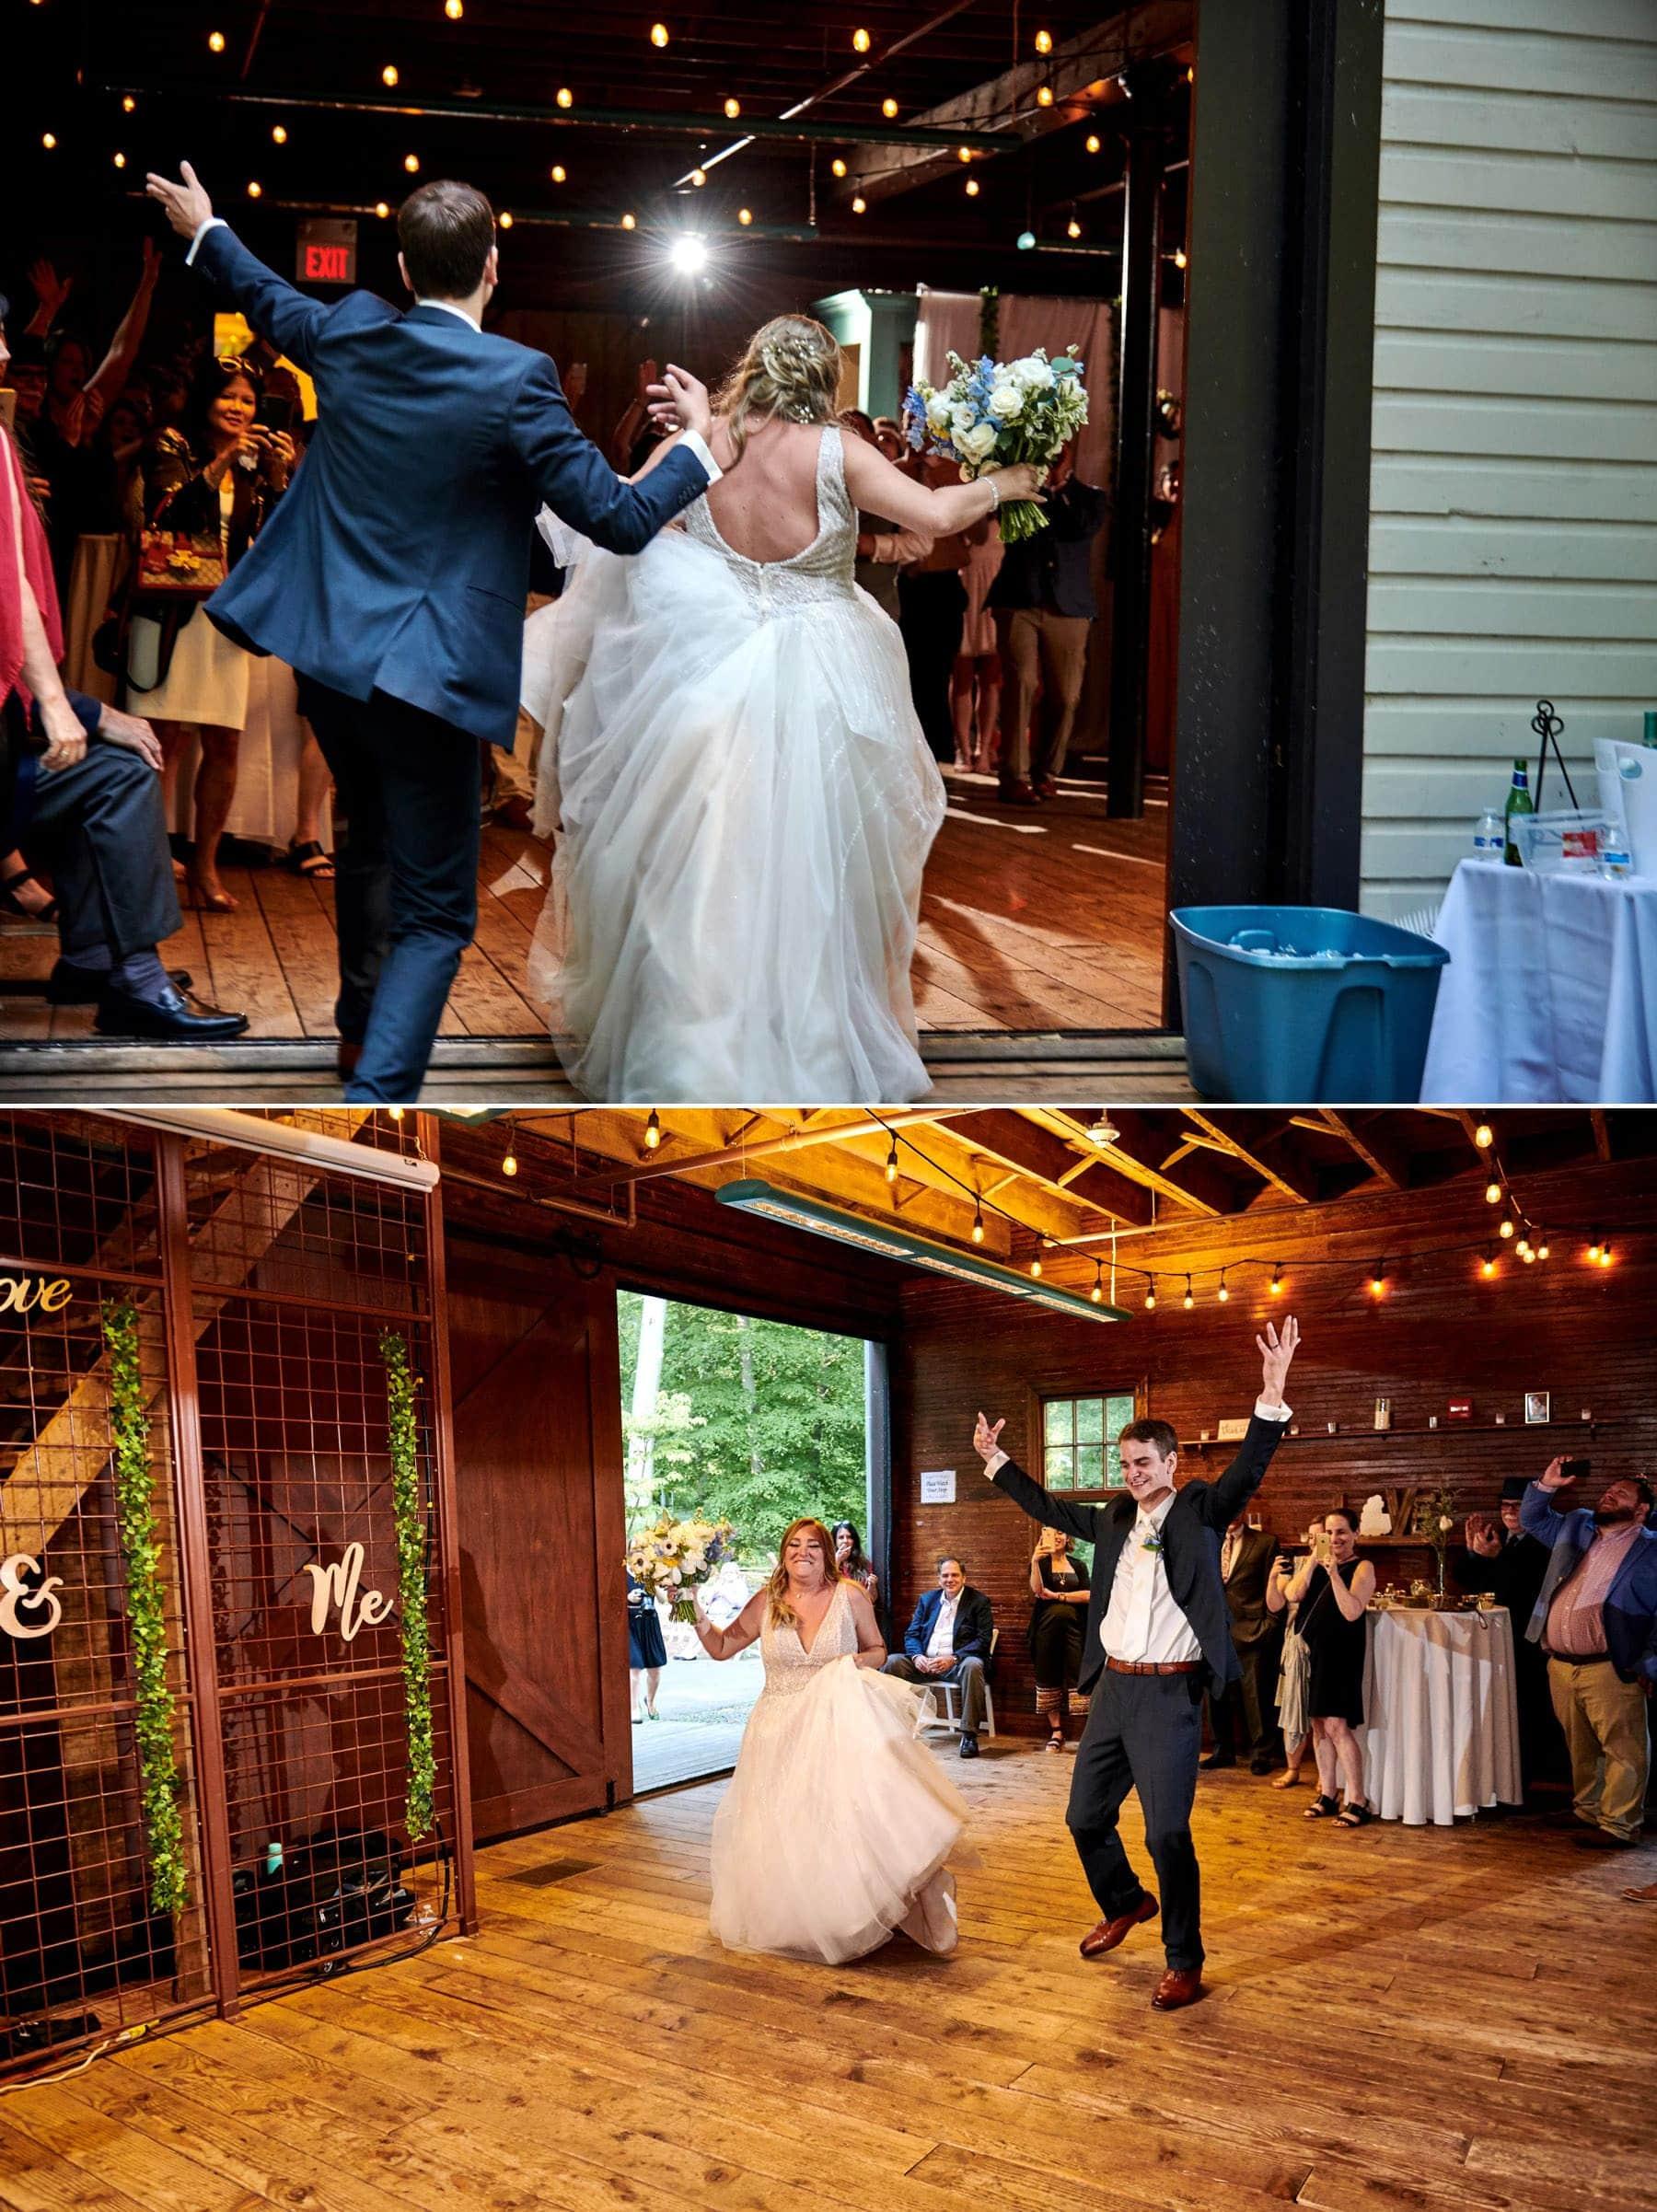 wedding grand entrance at maskers barn